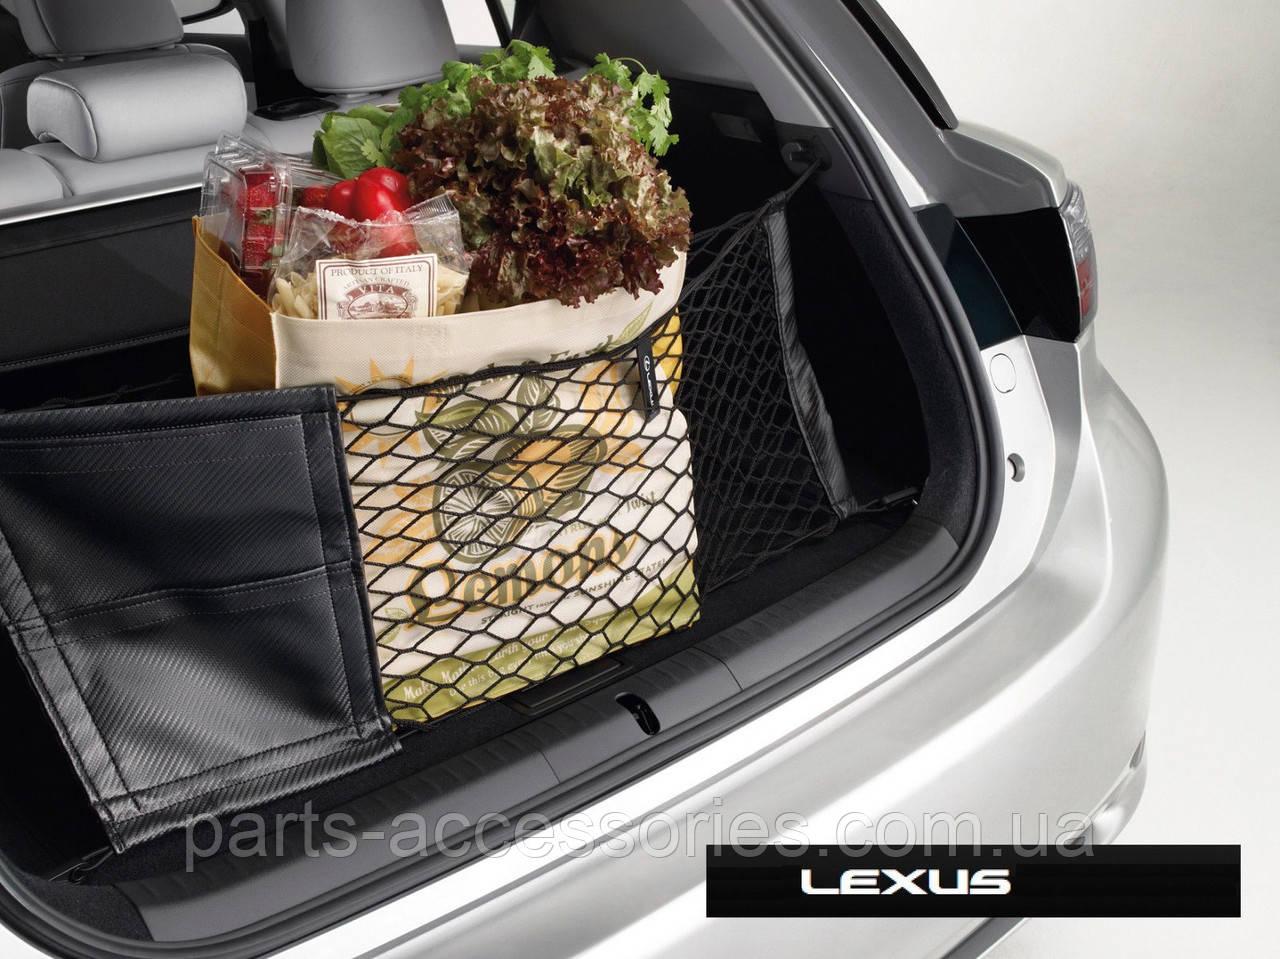 Вертикальна притискна сітка в багажник Lexus CT200H 2011-16 Нова Оригінал